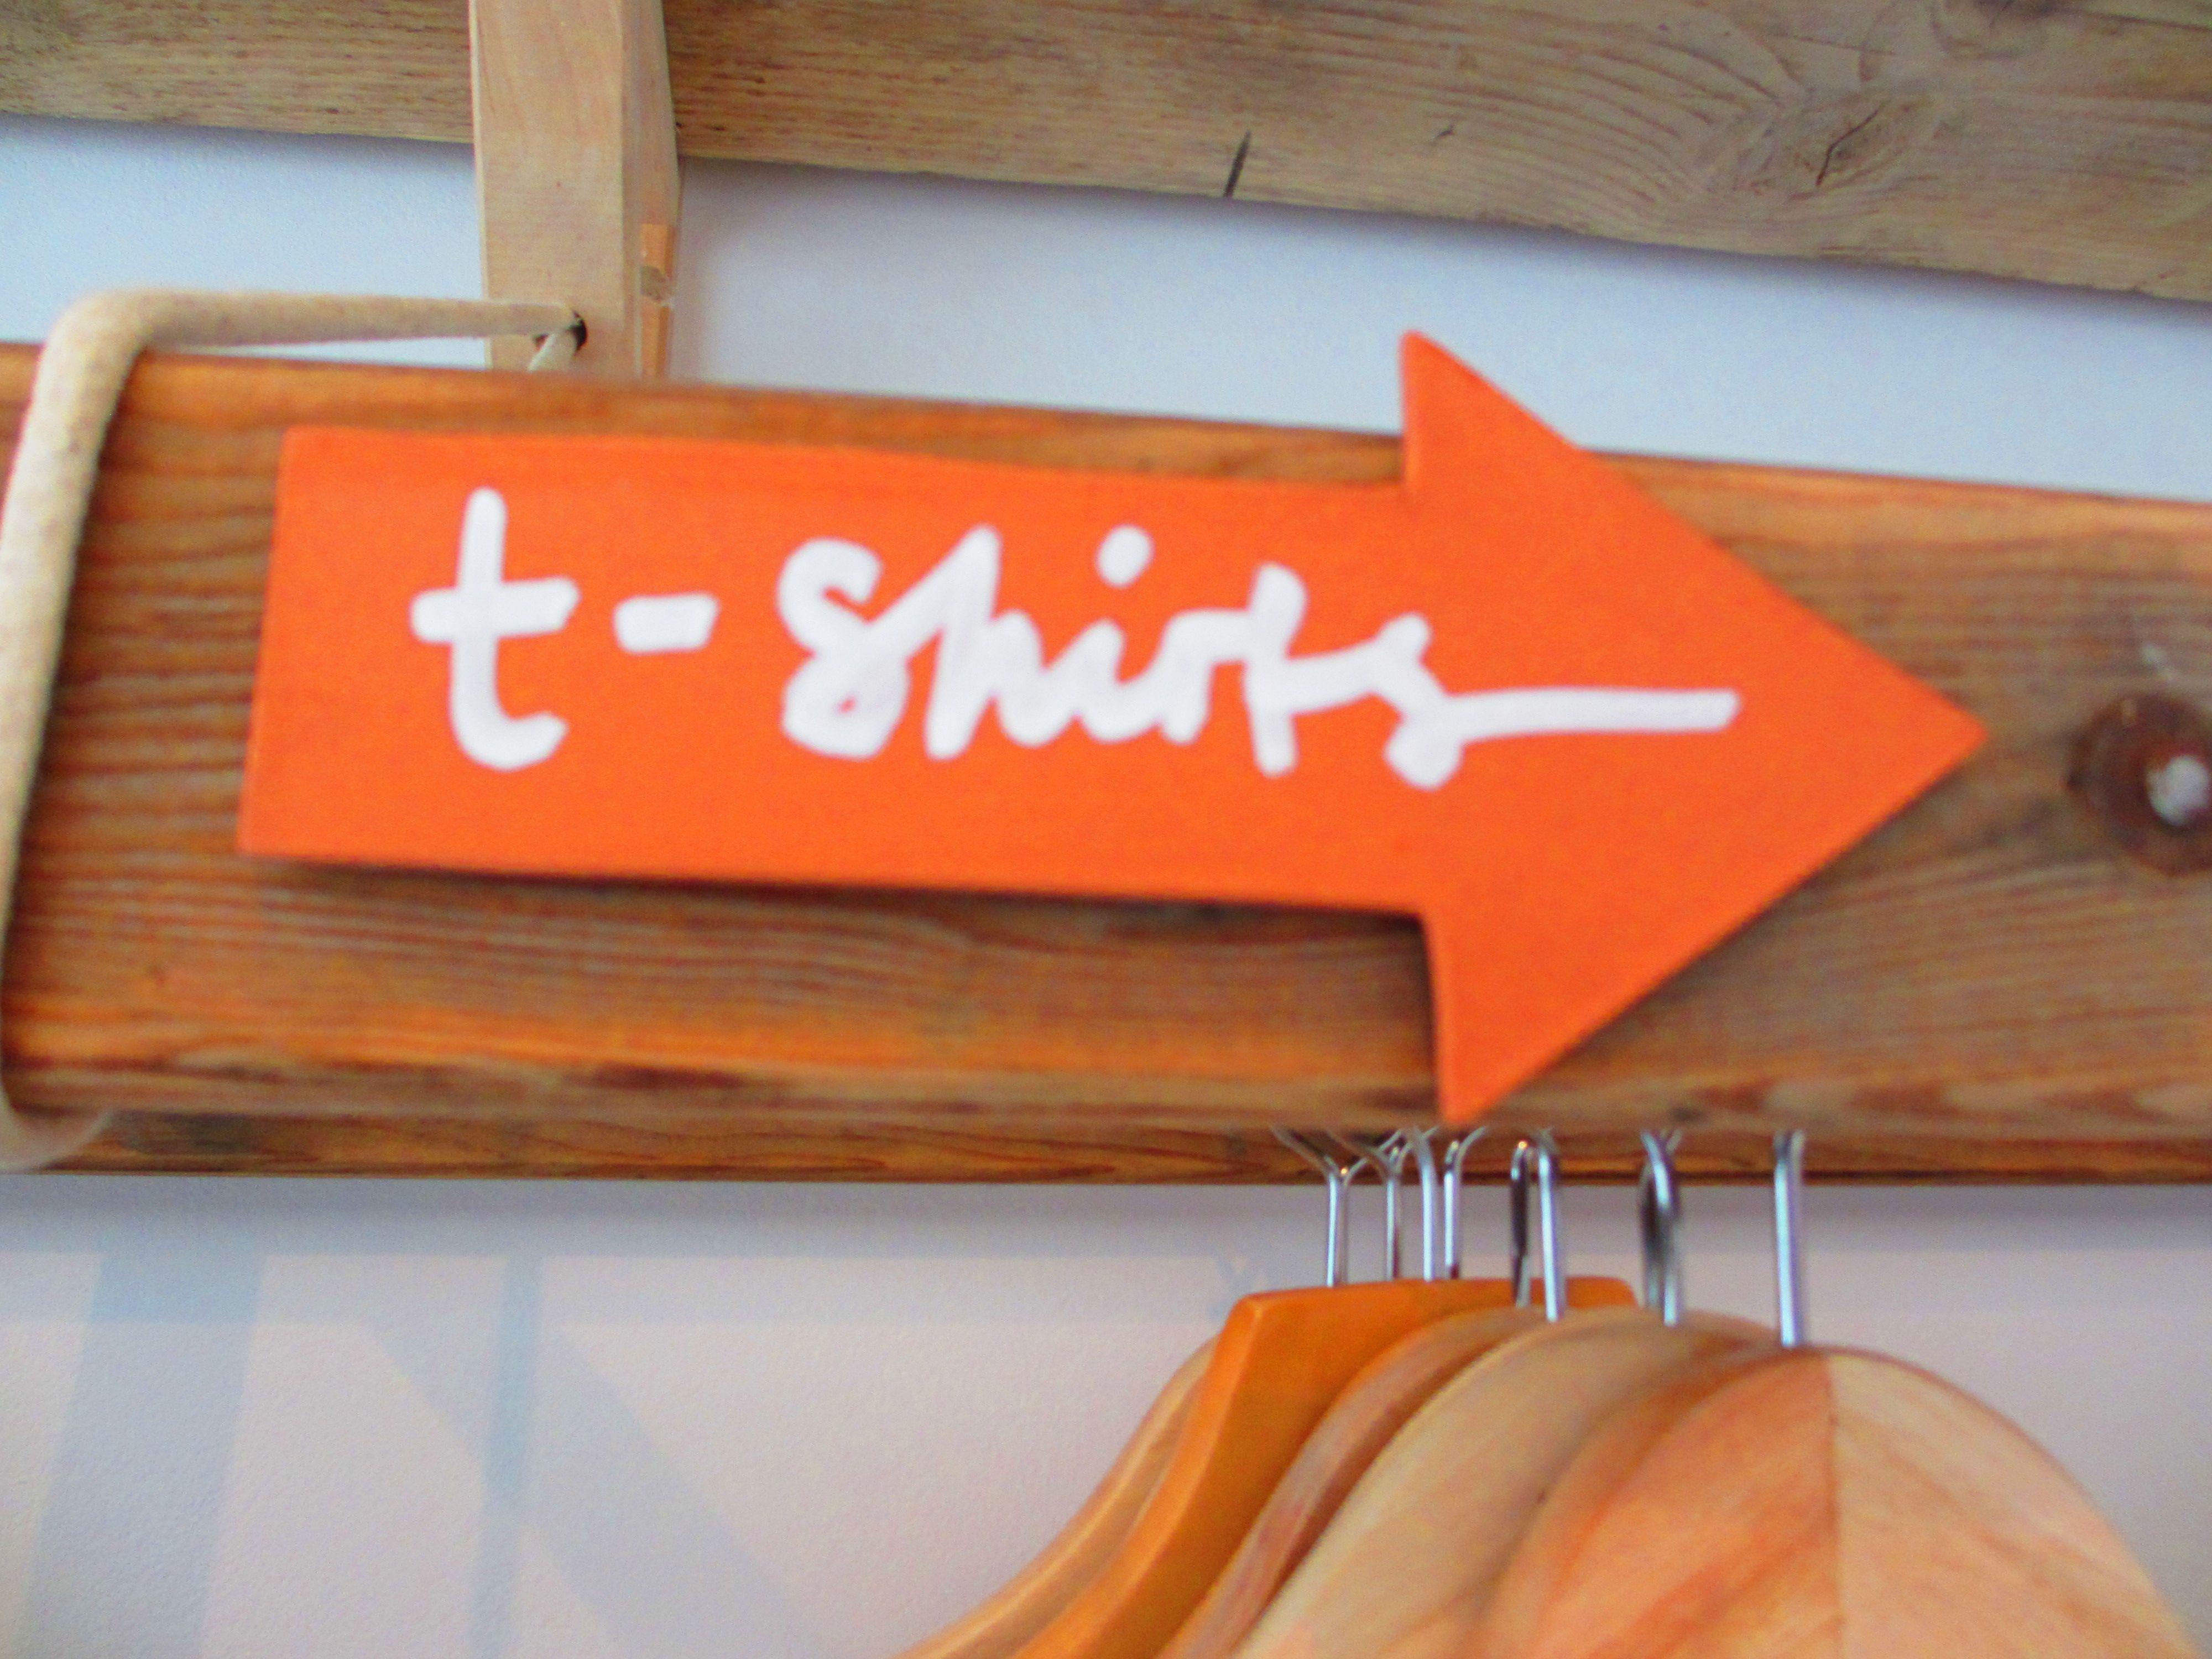 great sign by Alice sheilds. www.paperplanebristol.co.uk www.alice-shields.co.uk